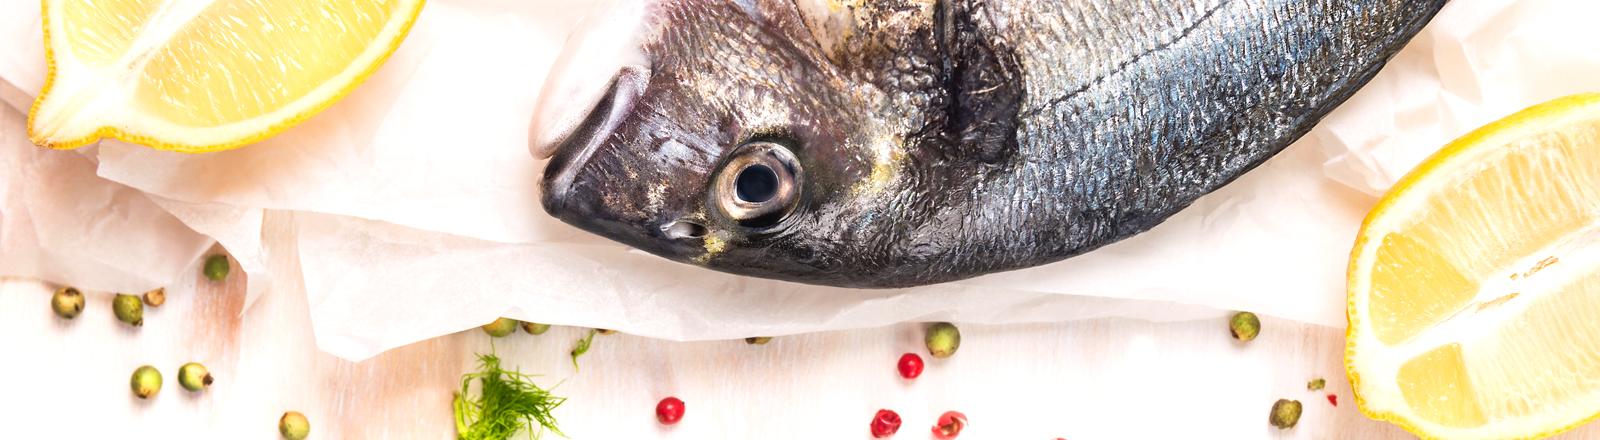 Fisch zubereiten mit Pfeffer, Salz und Zitrone.